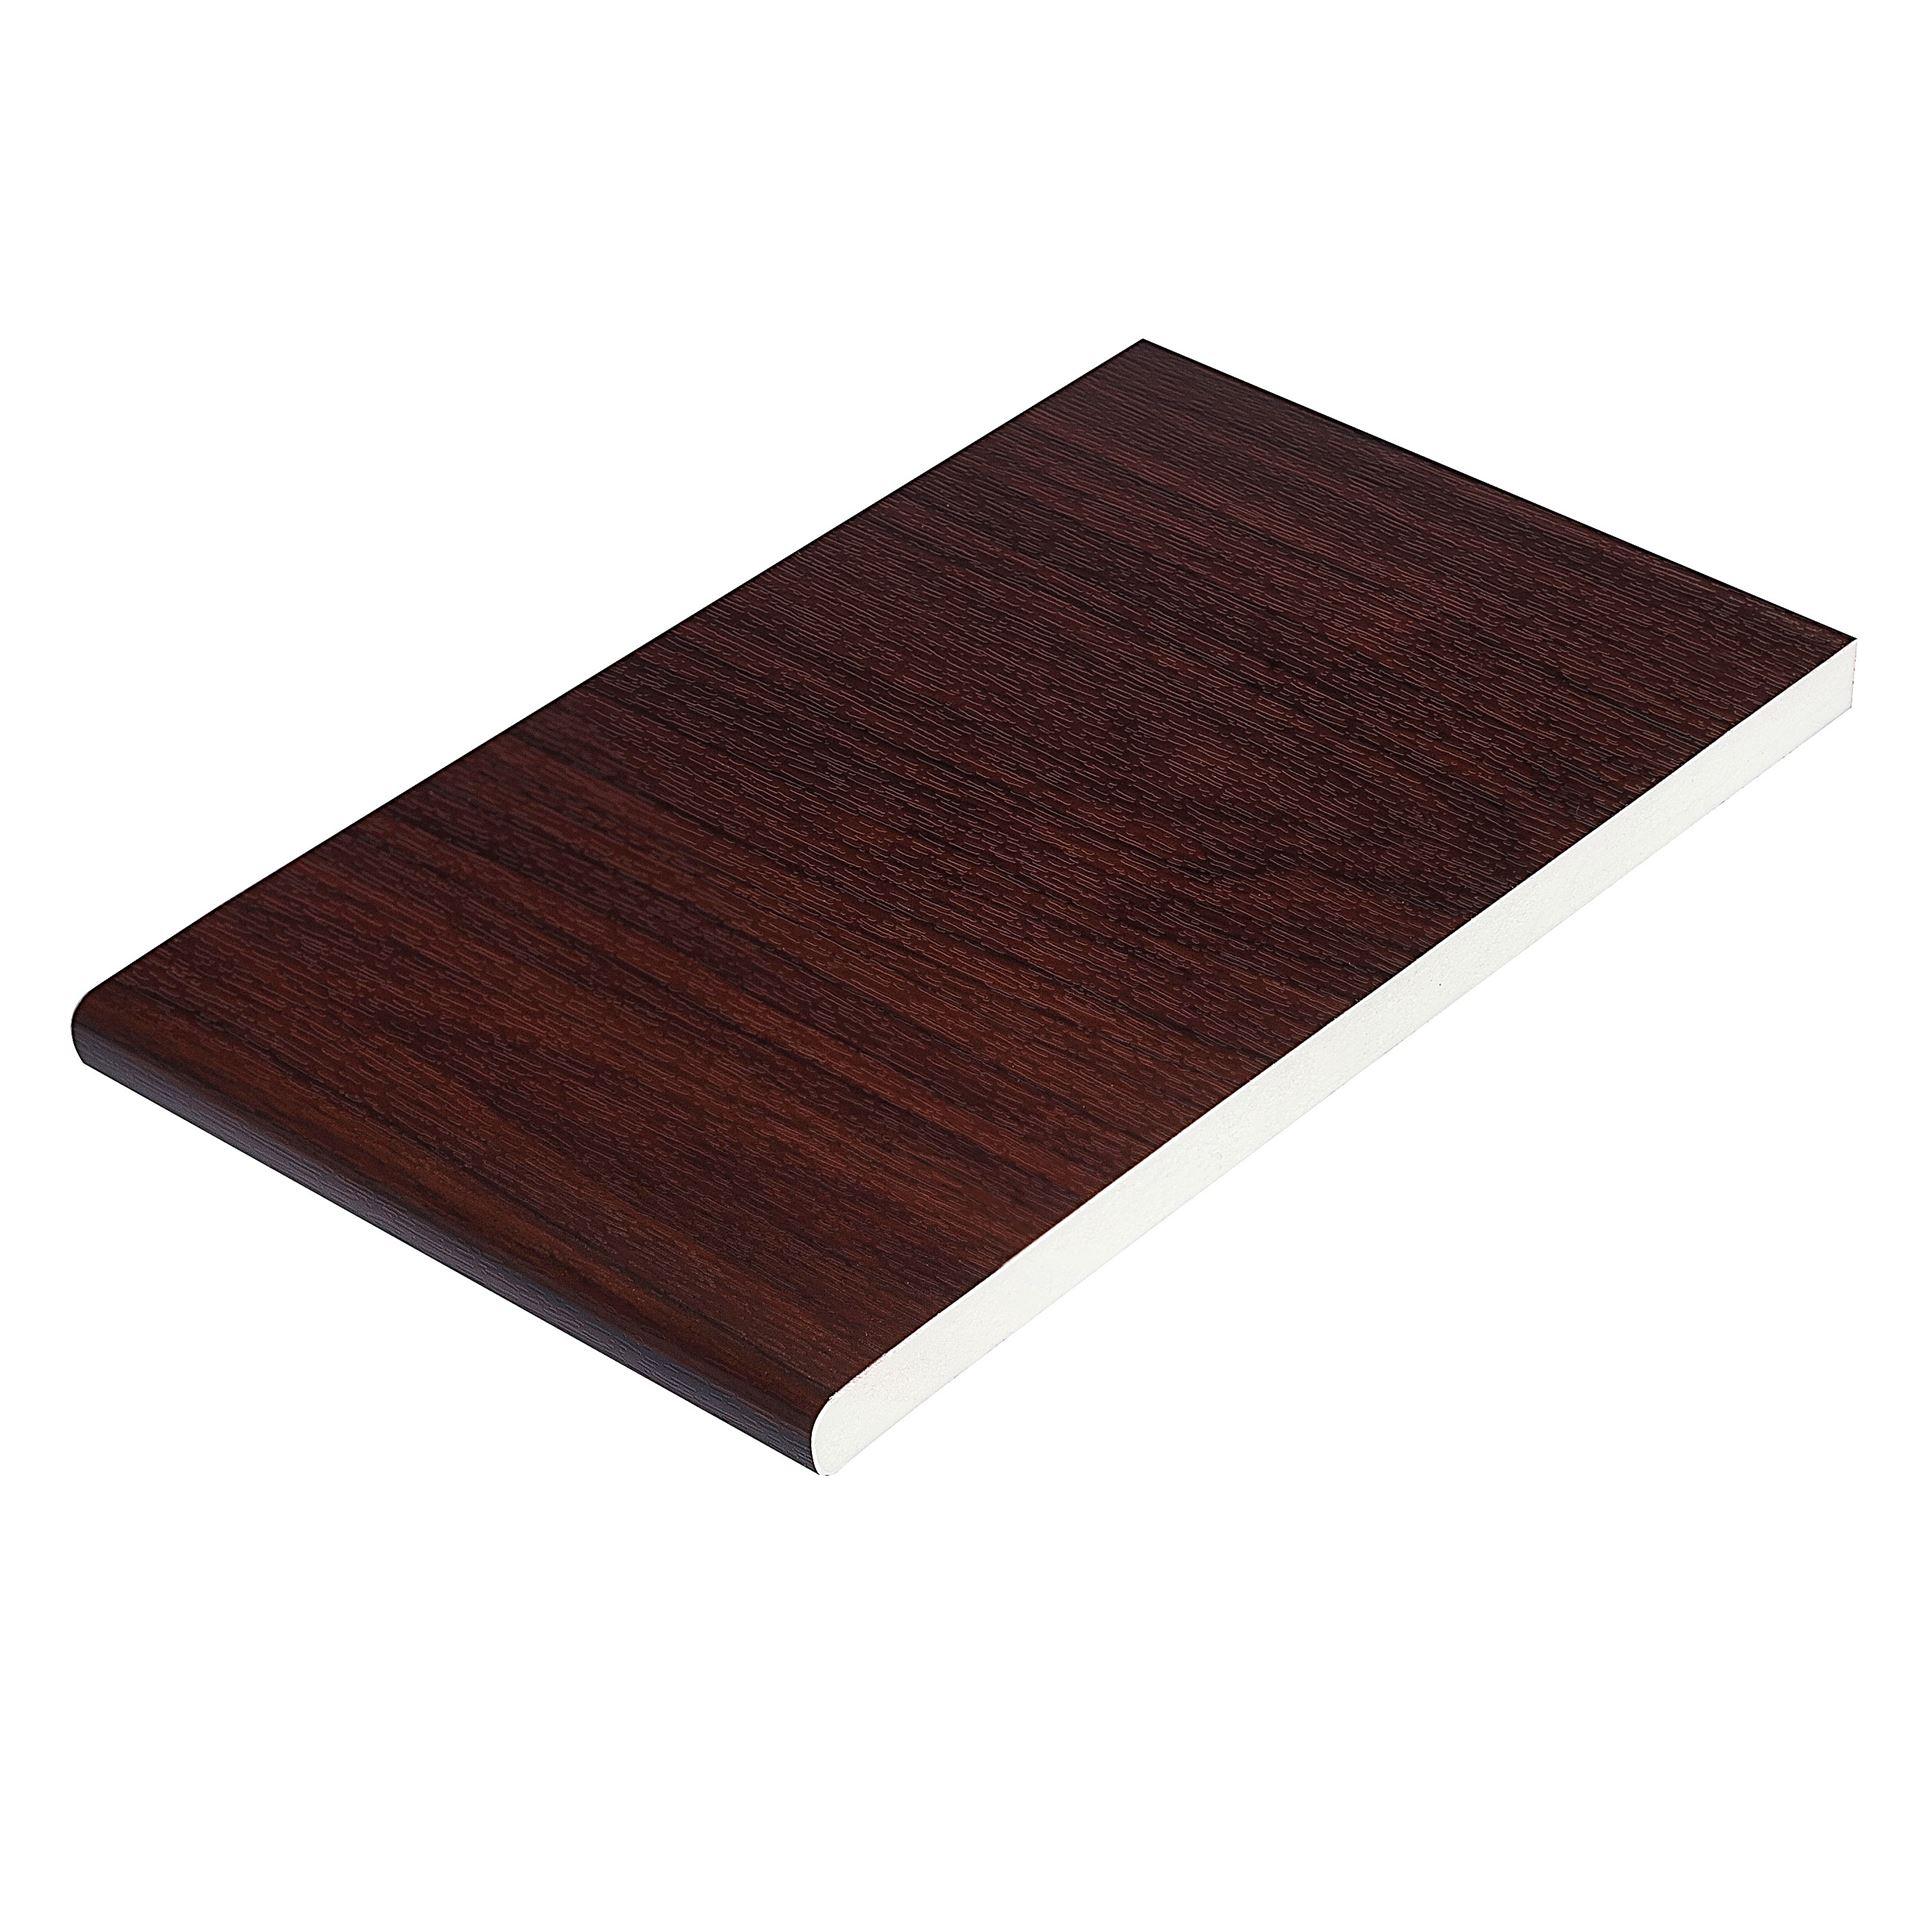 Rosewood Flat Board